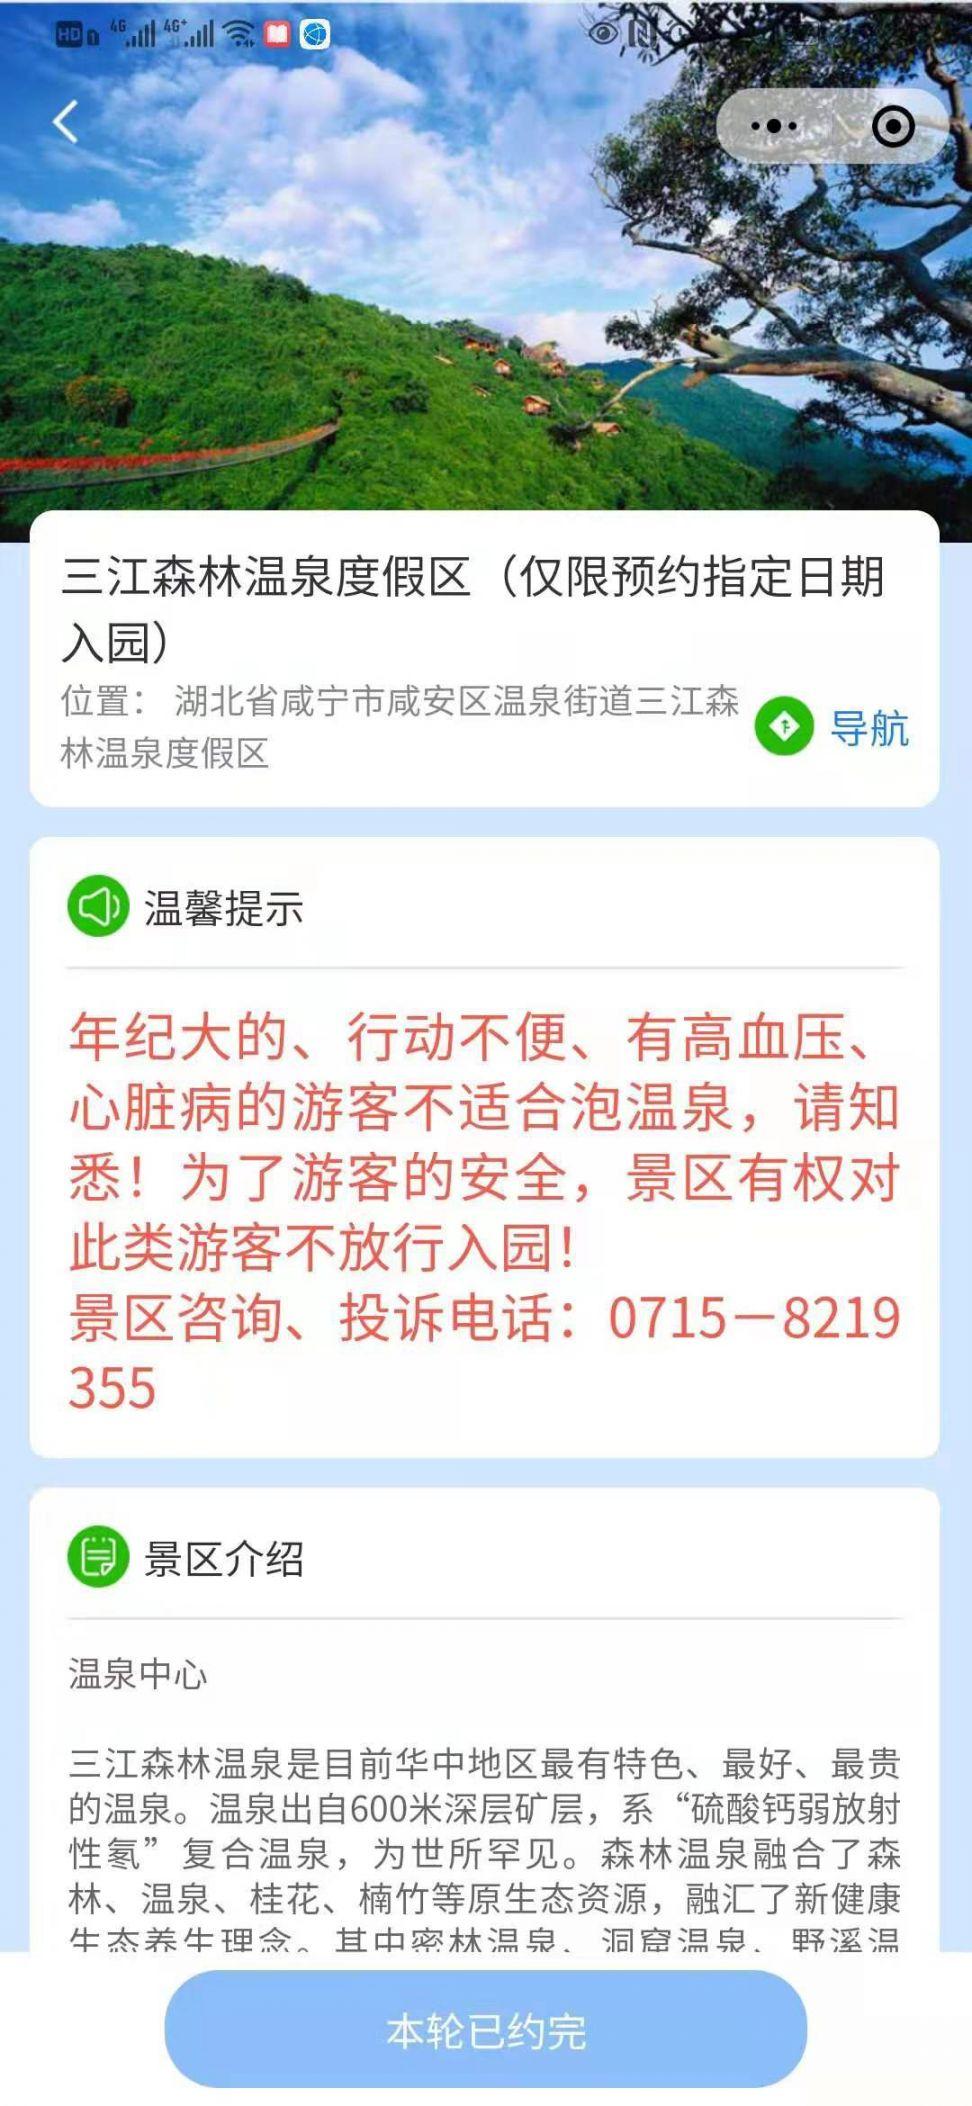 咸宁惠游湖北免费温泉几点开始约?附预约流程图解